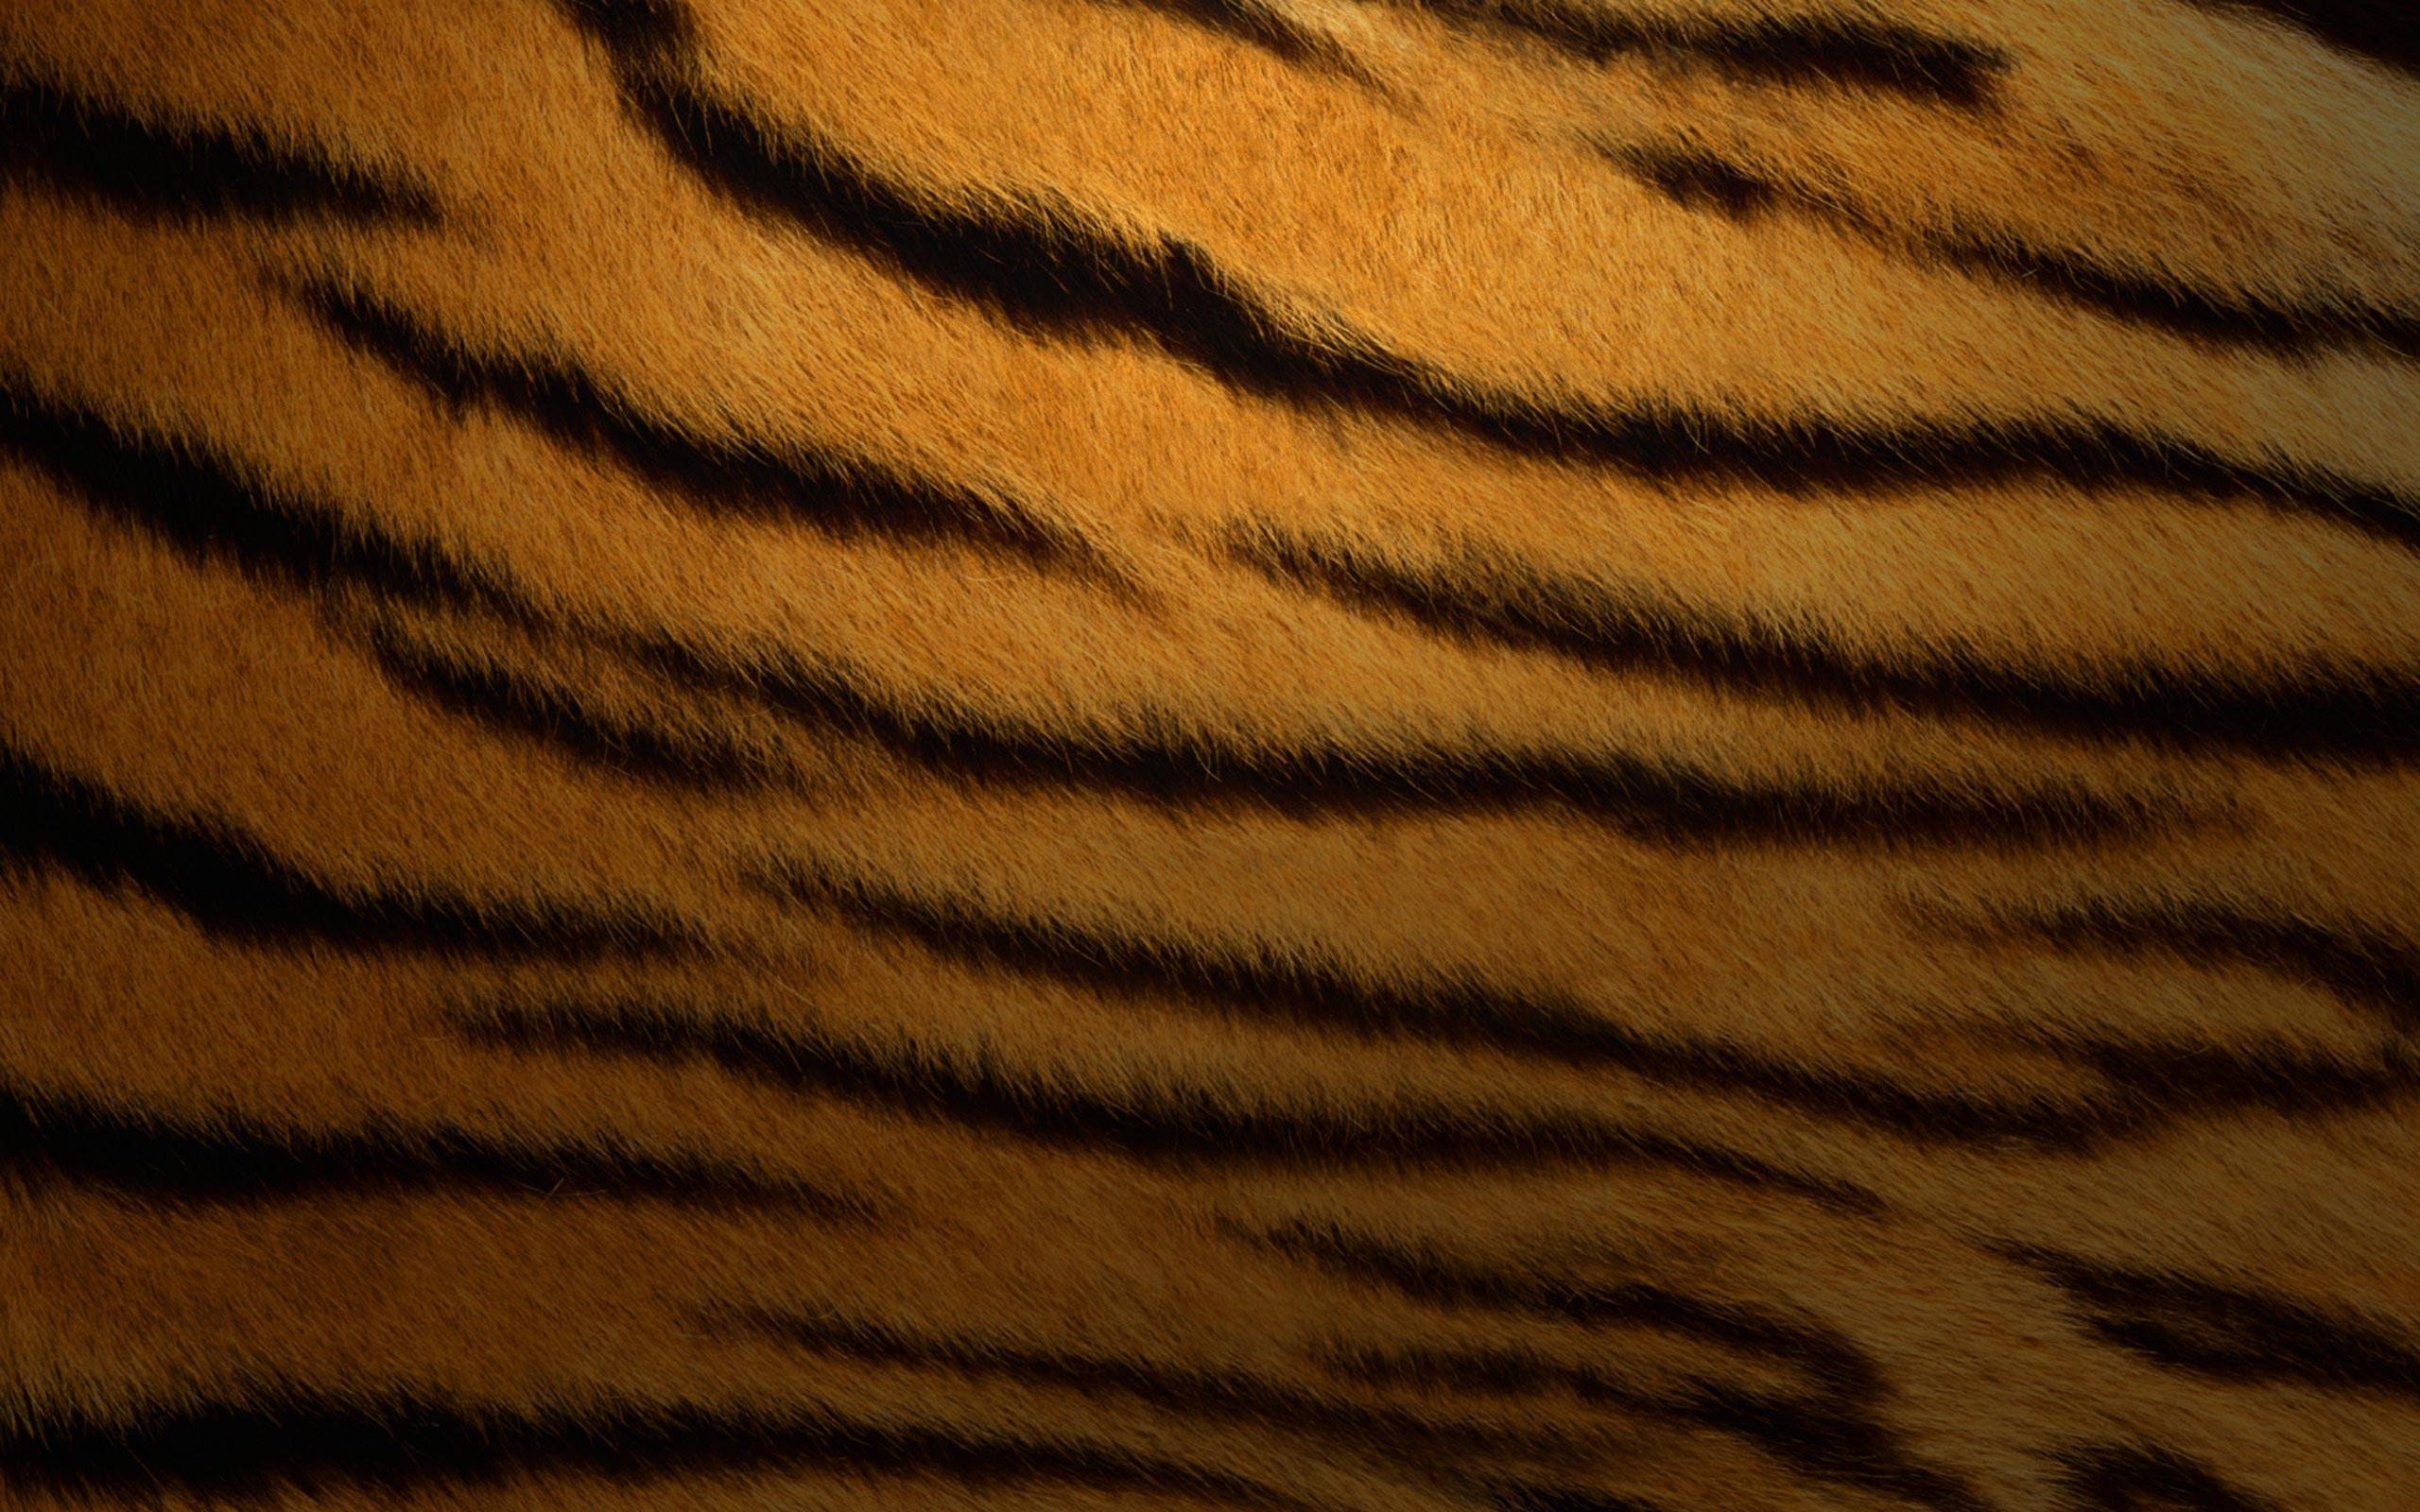 тигровая шкура, фото, скачать обои для рабочего стола